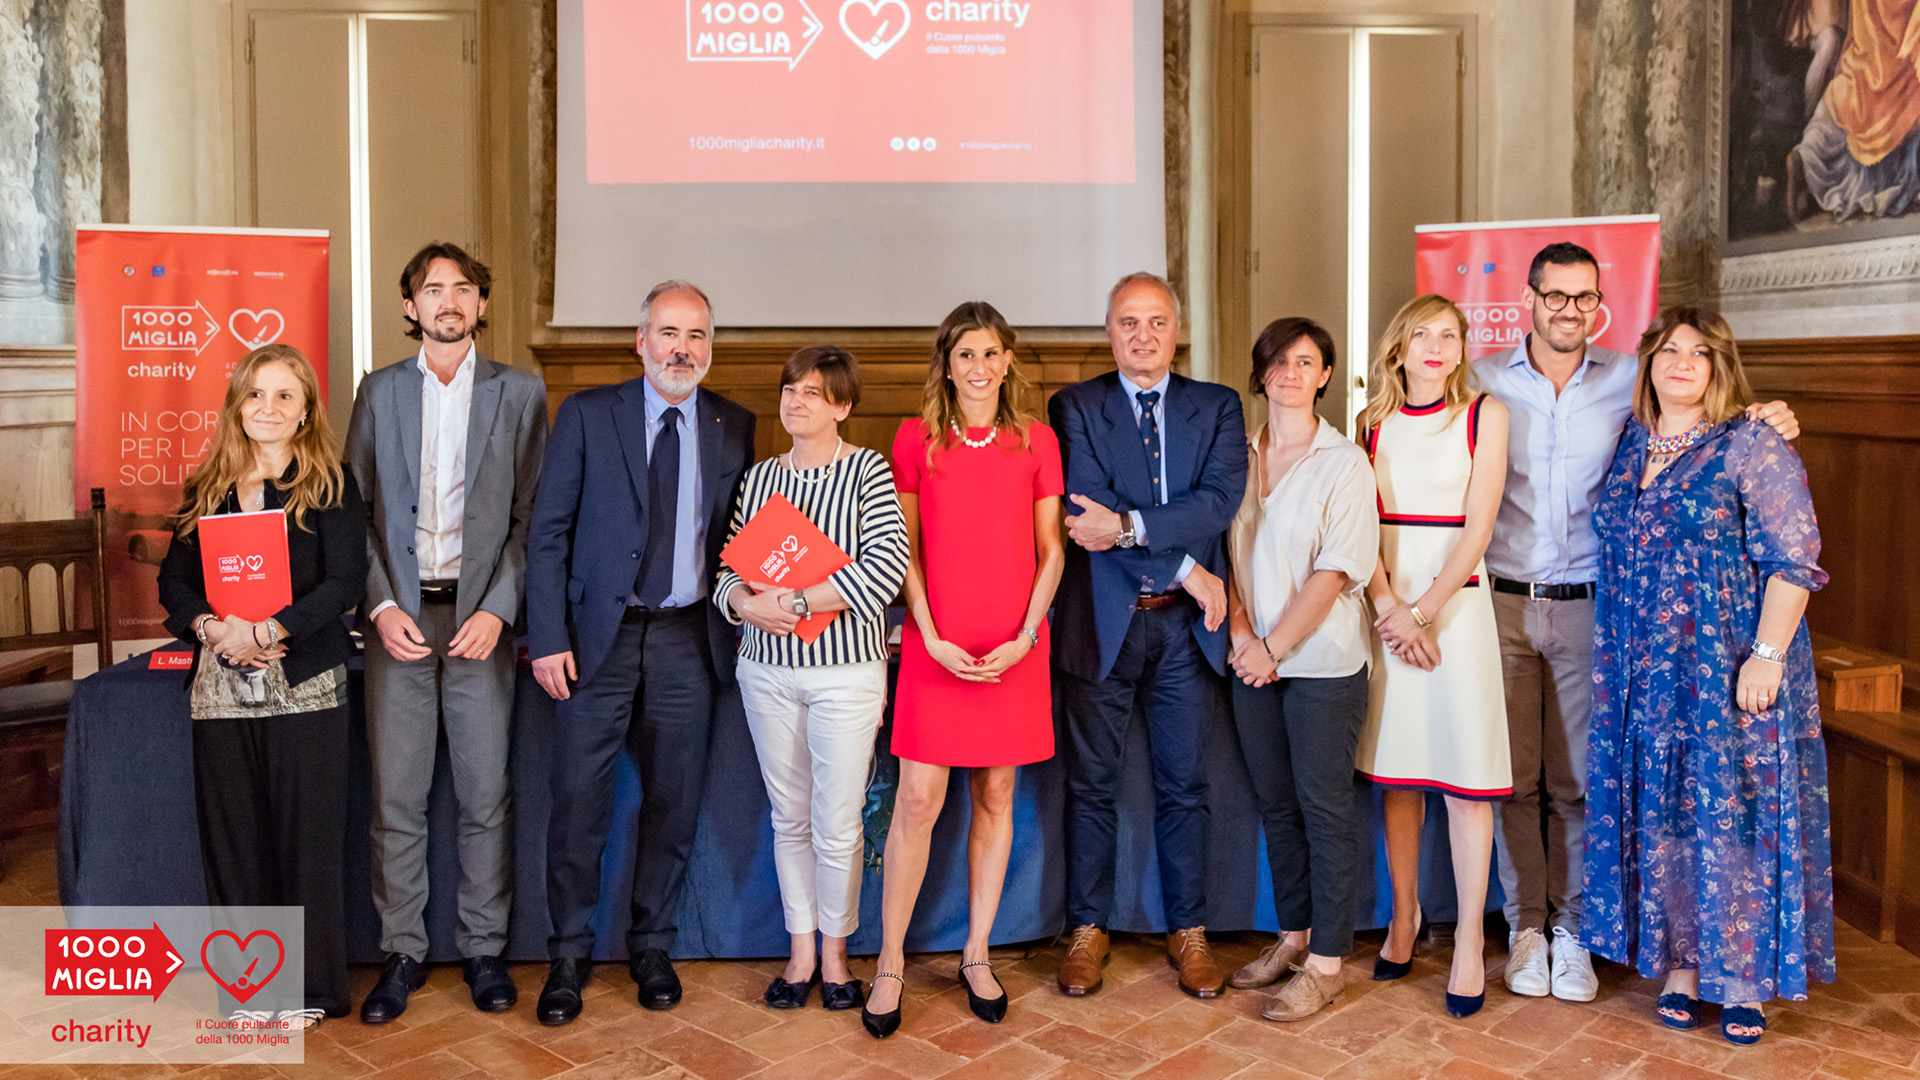 1000 Miglia Charity 2018